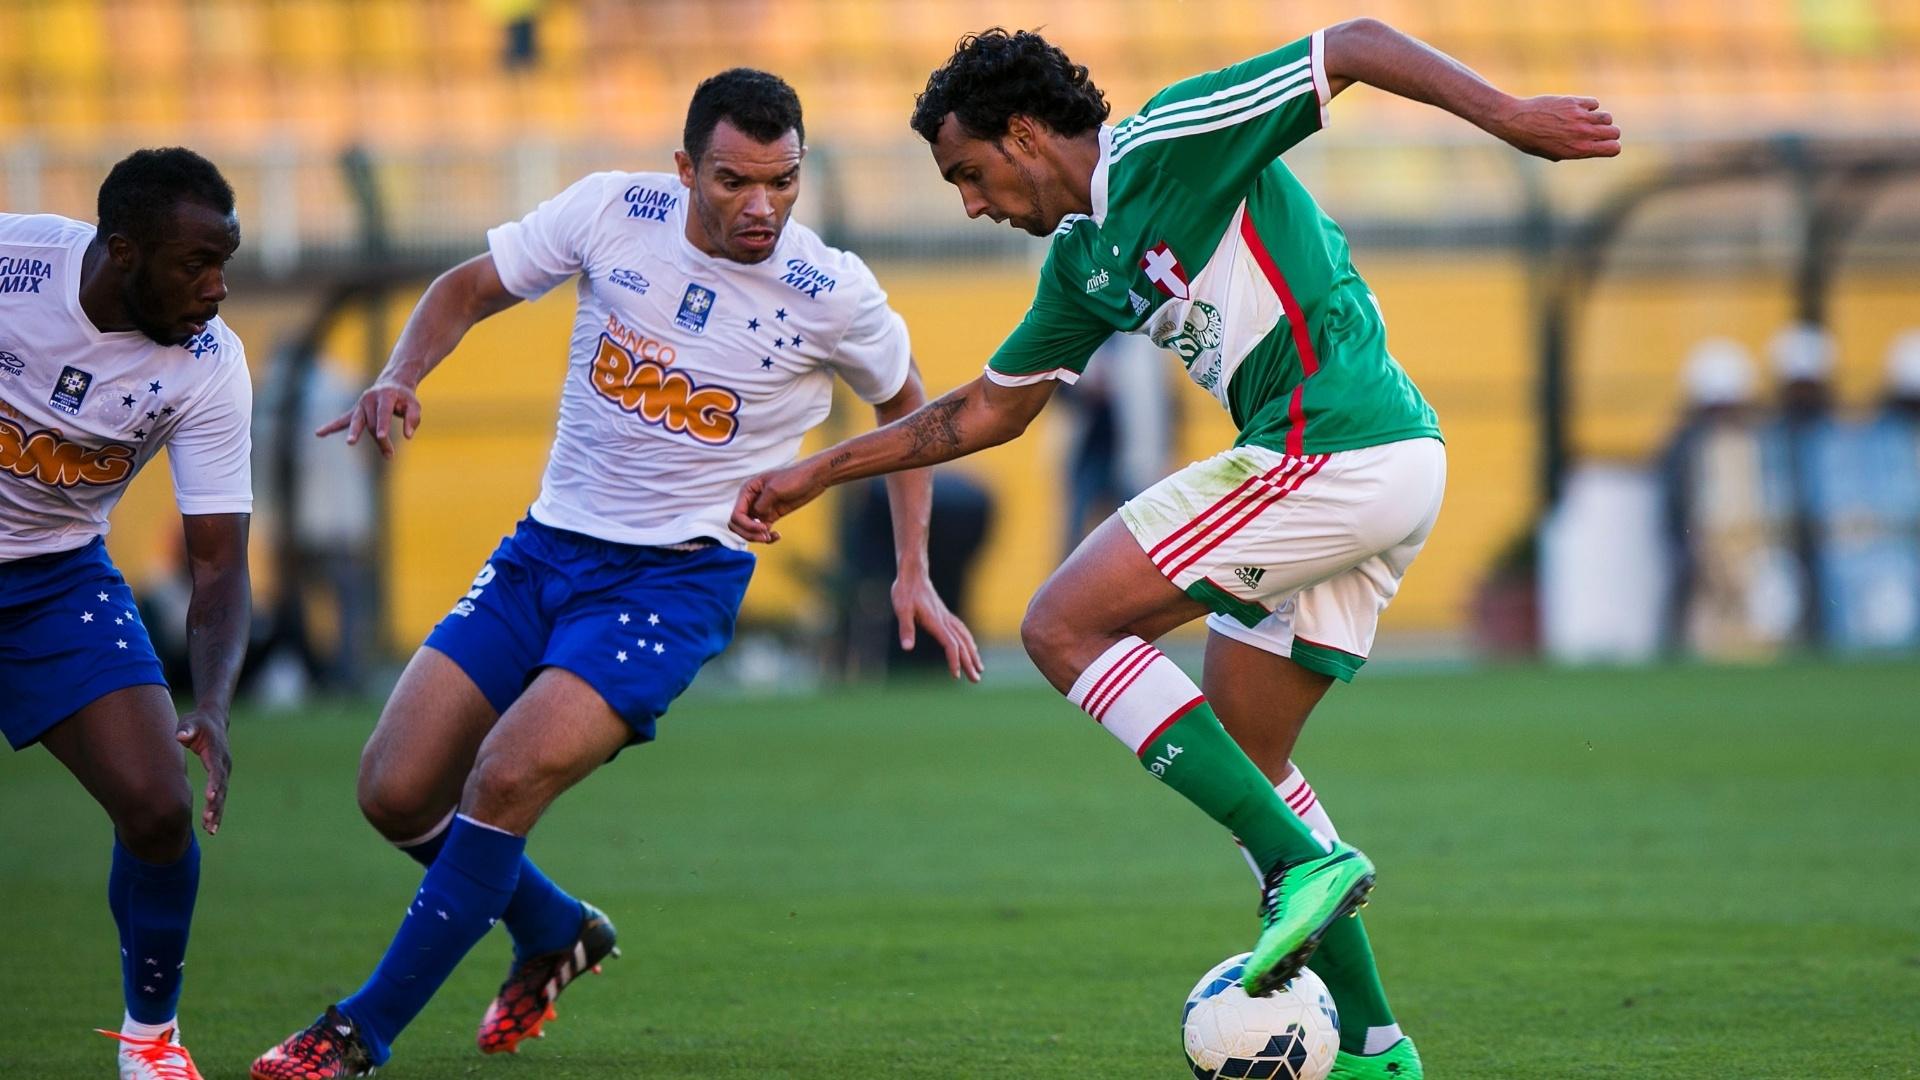 Atacante Diogo, do Palmeiras, encara a marcação do Cruzeiro em jogo no Pacaembu